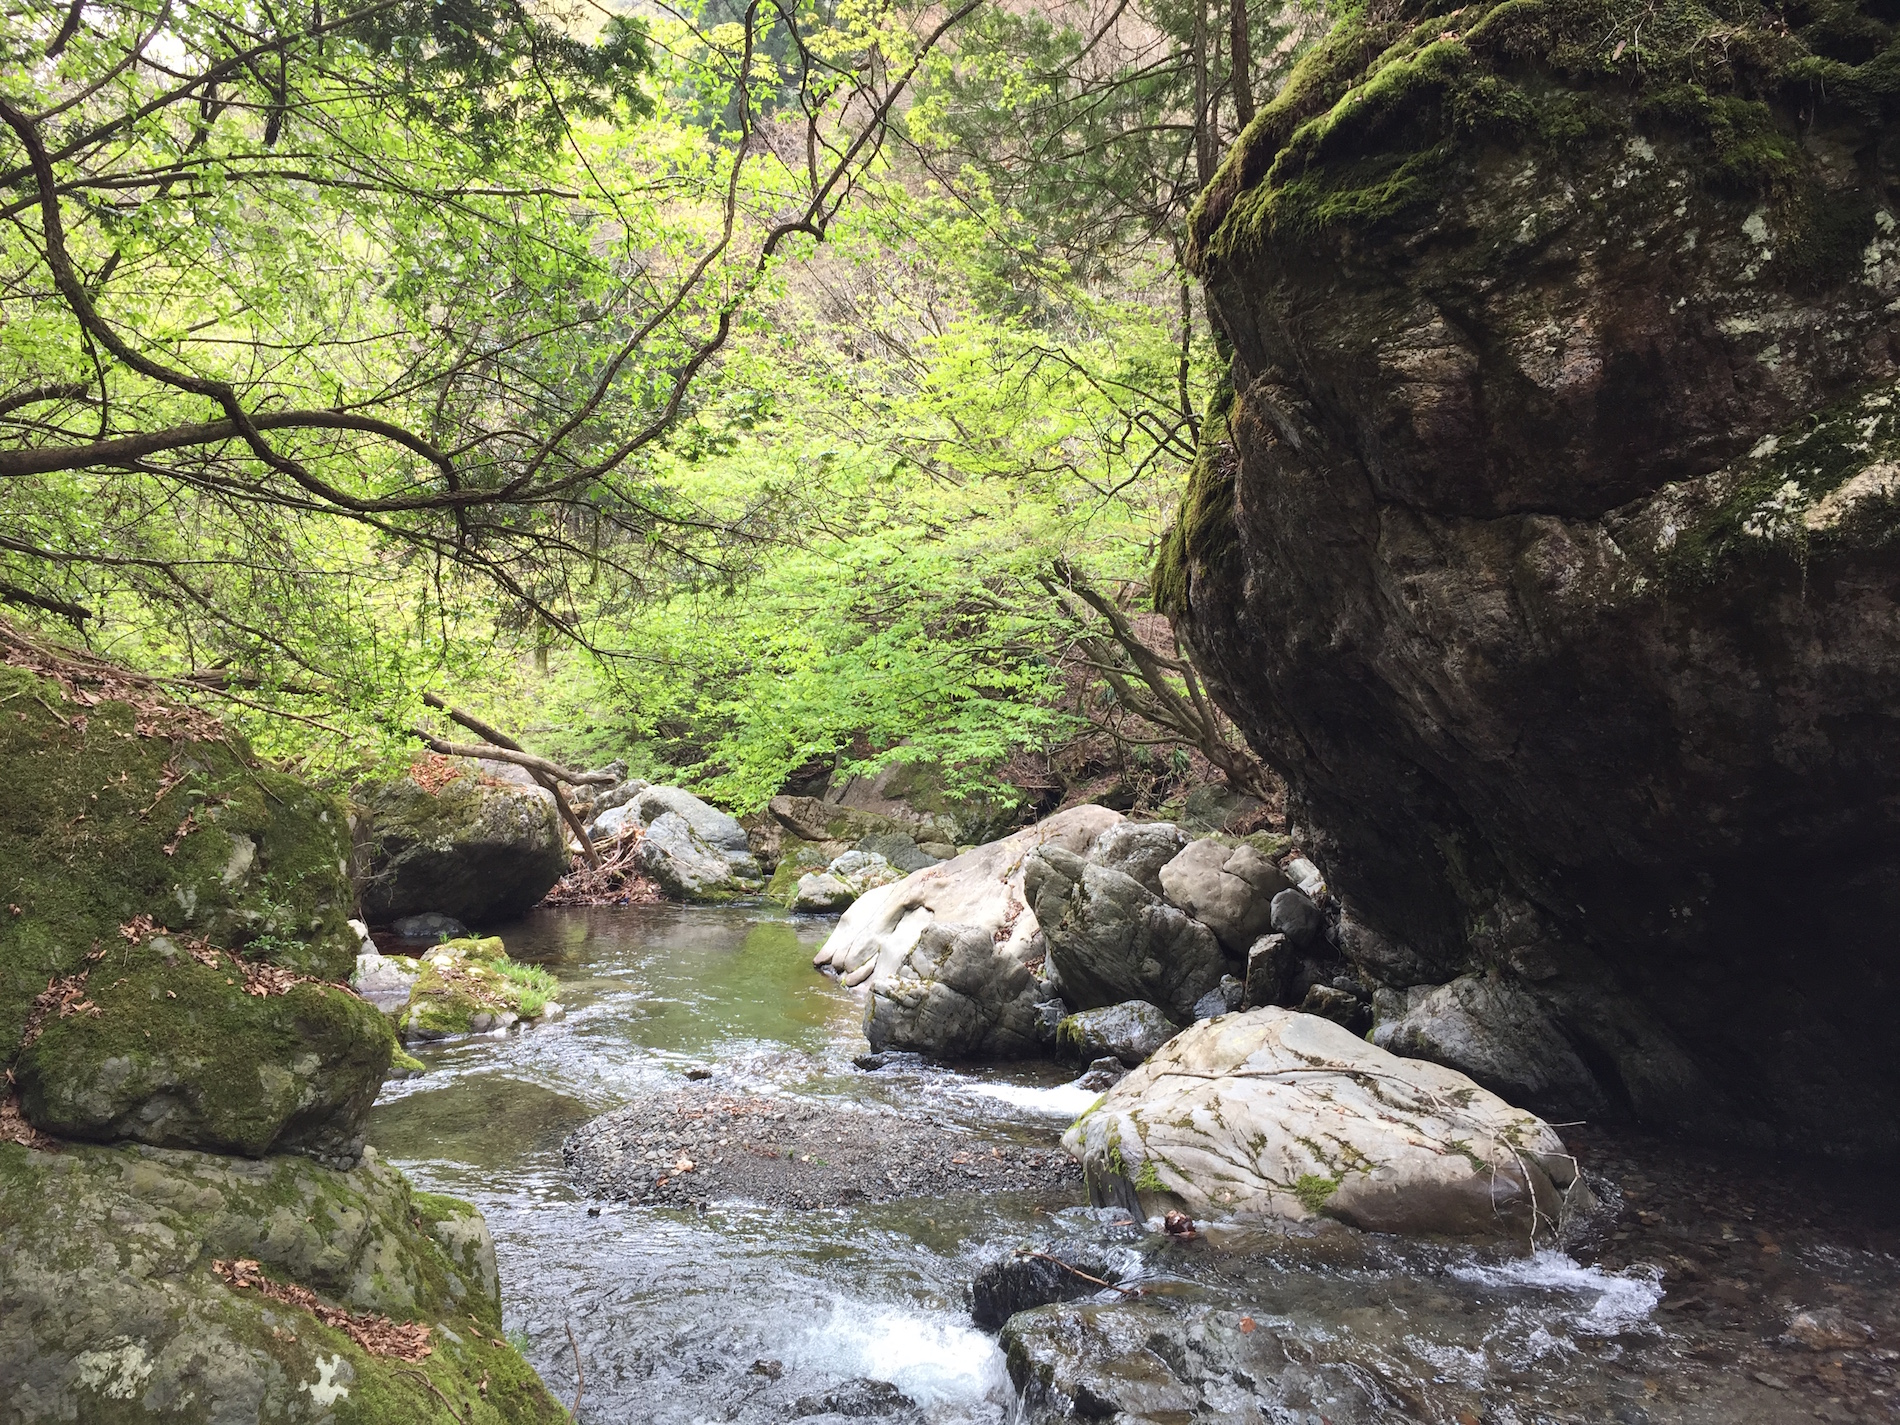 Mossy boulder & river